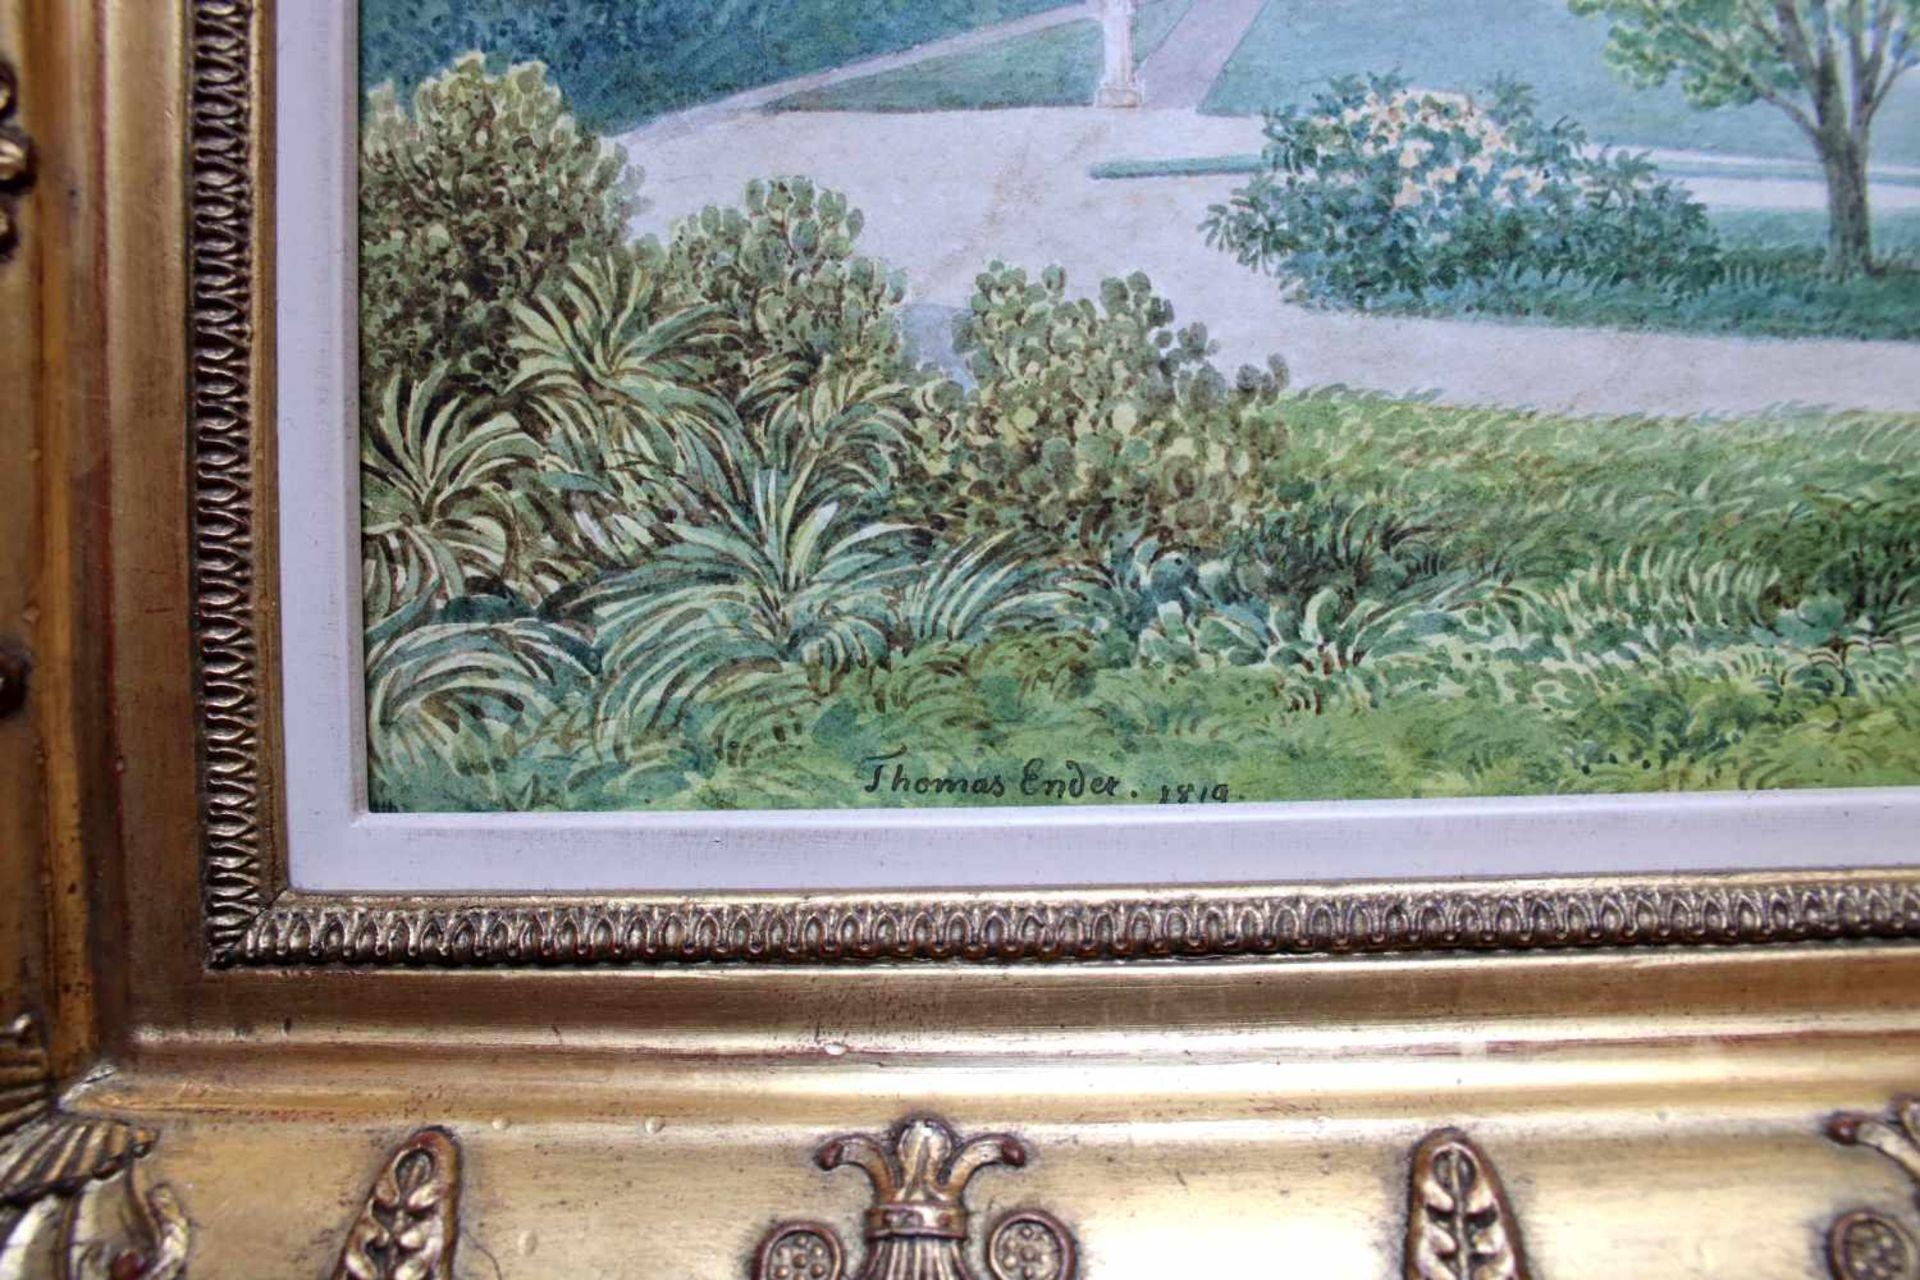 Thomas Ender (1793 - 1875) Palazzo Pitti in Florenz 1819 Aquarell auf Papier Signiert und datiert - Bild 2 aus 2